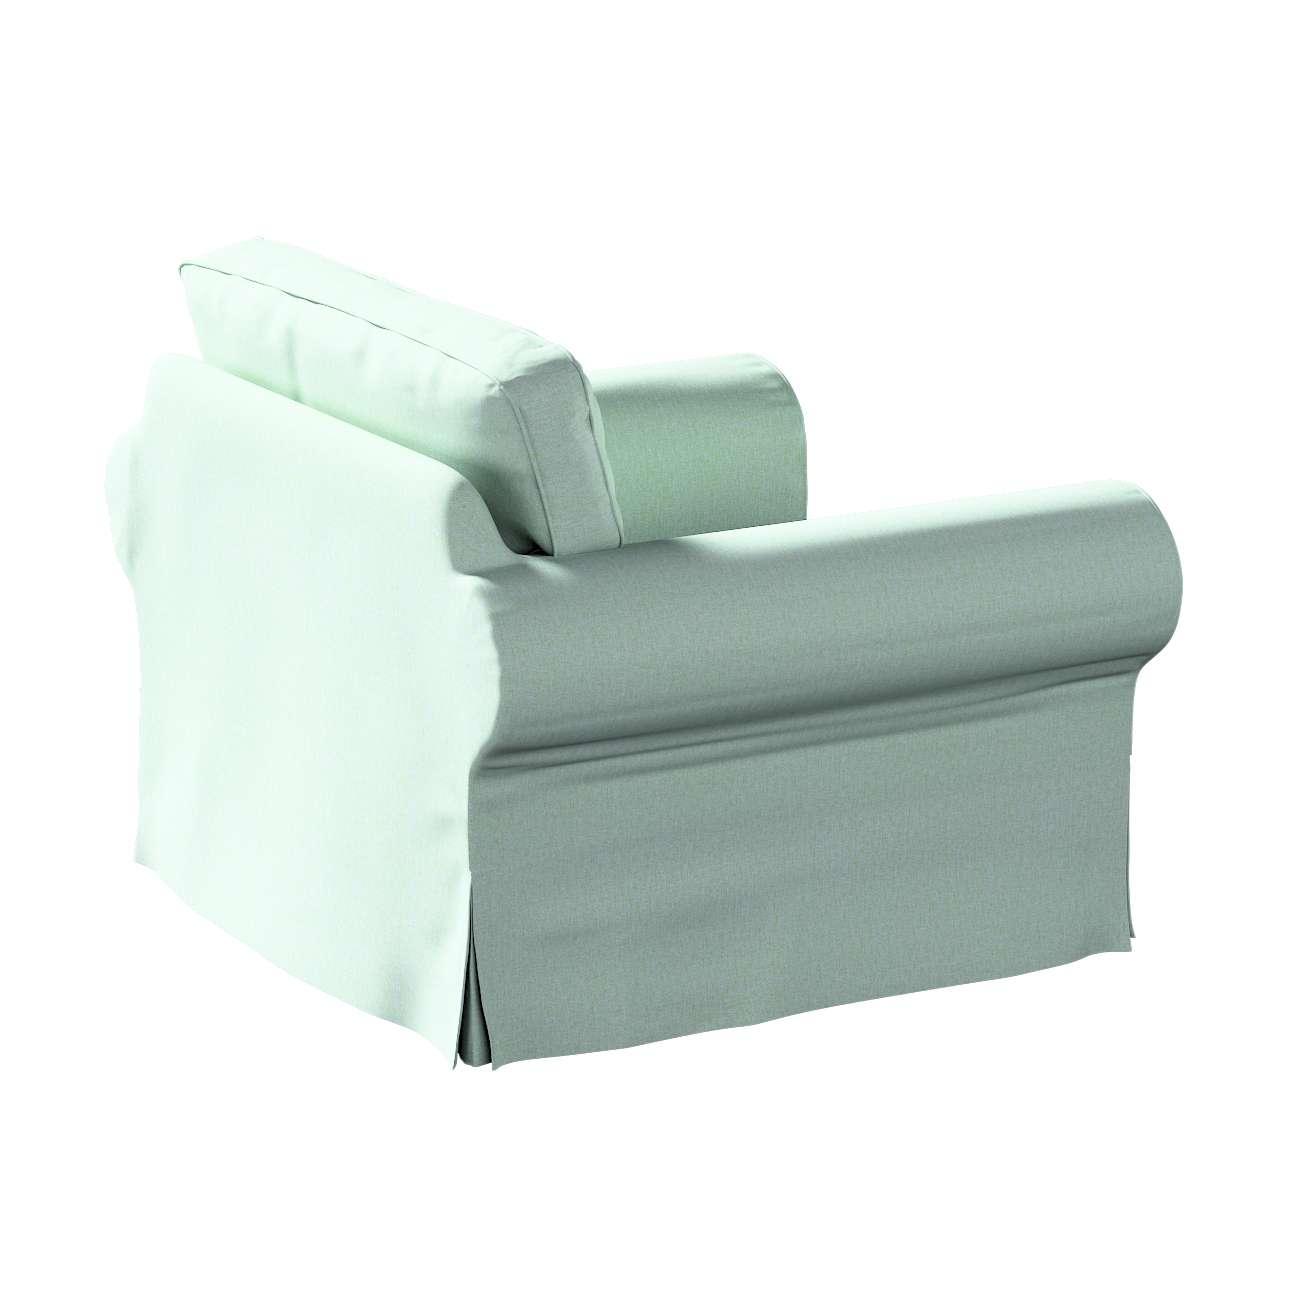 Bezug für Ektorp Sessel von der Kollektion Living, Stoff: 161-61